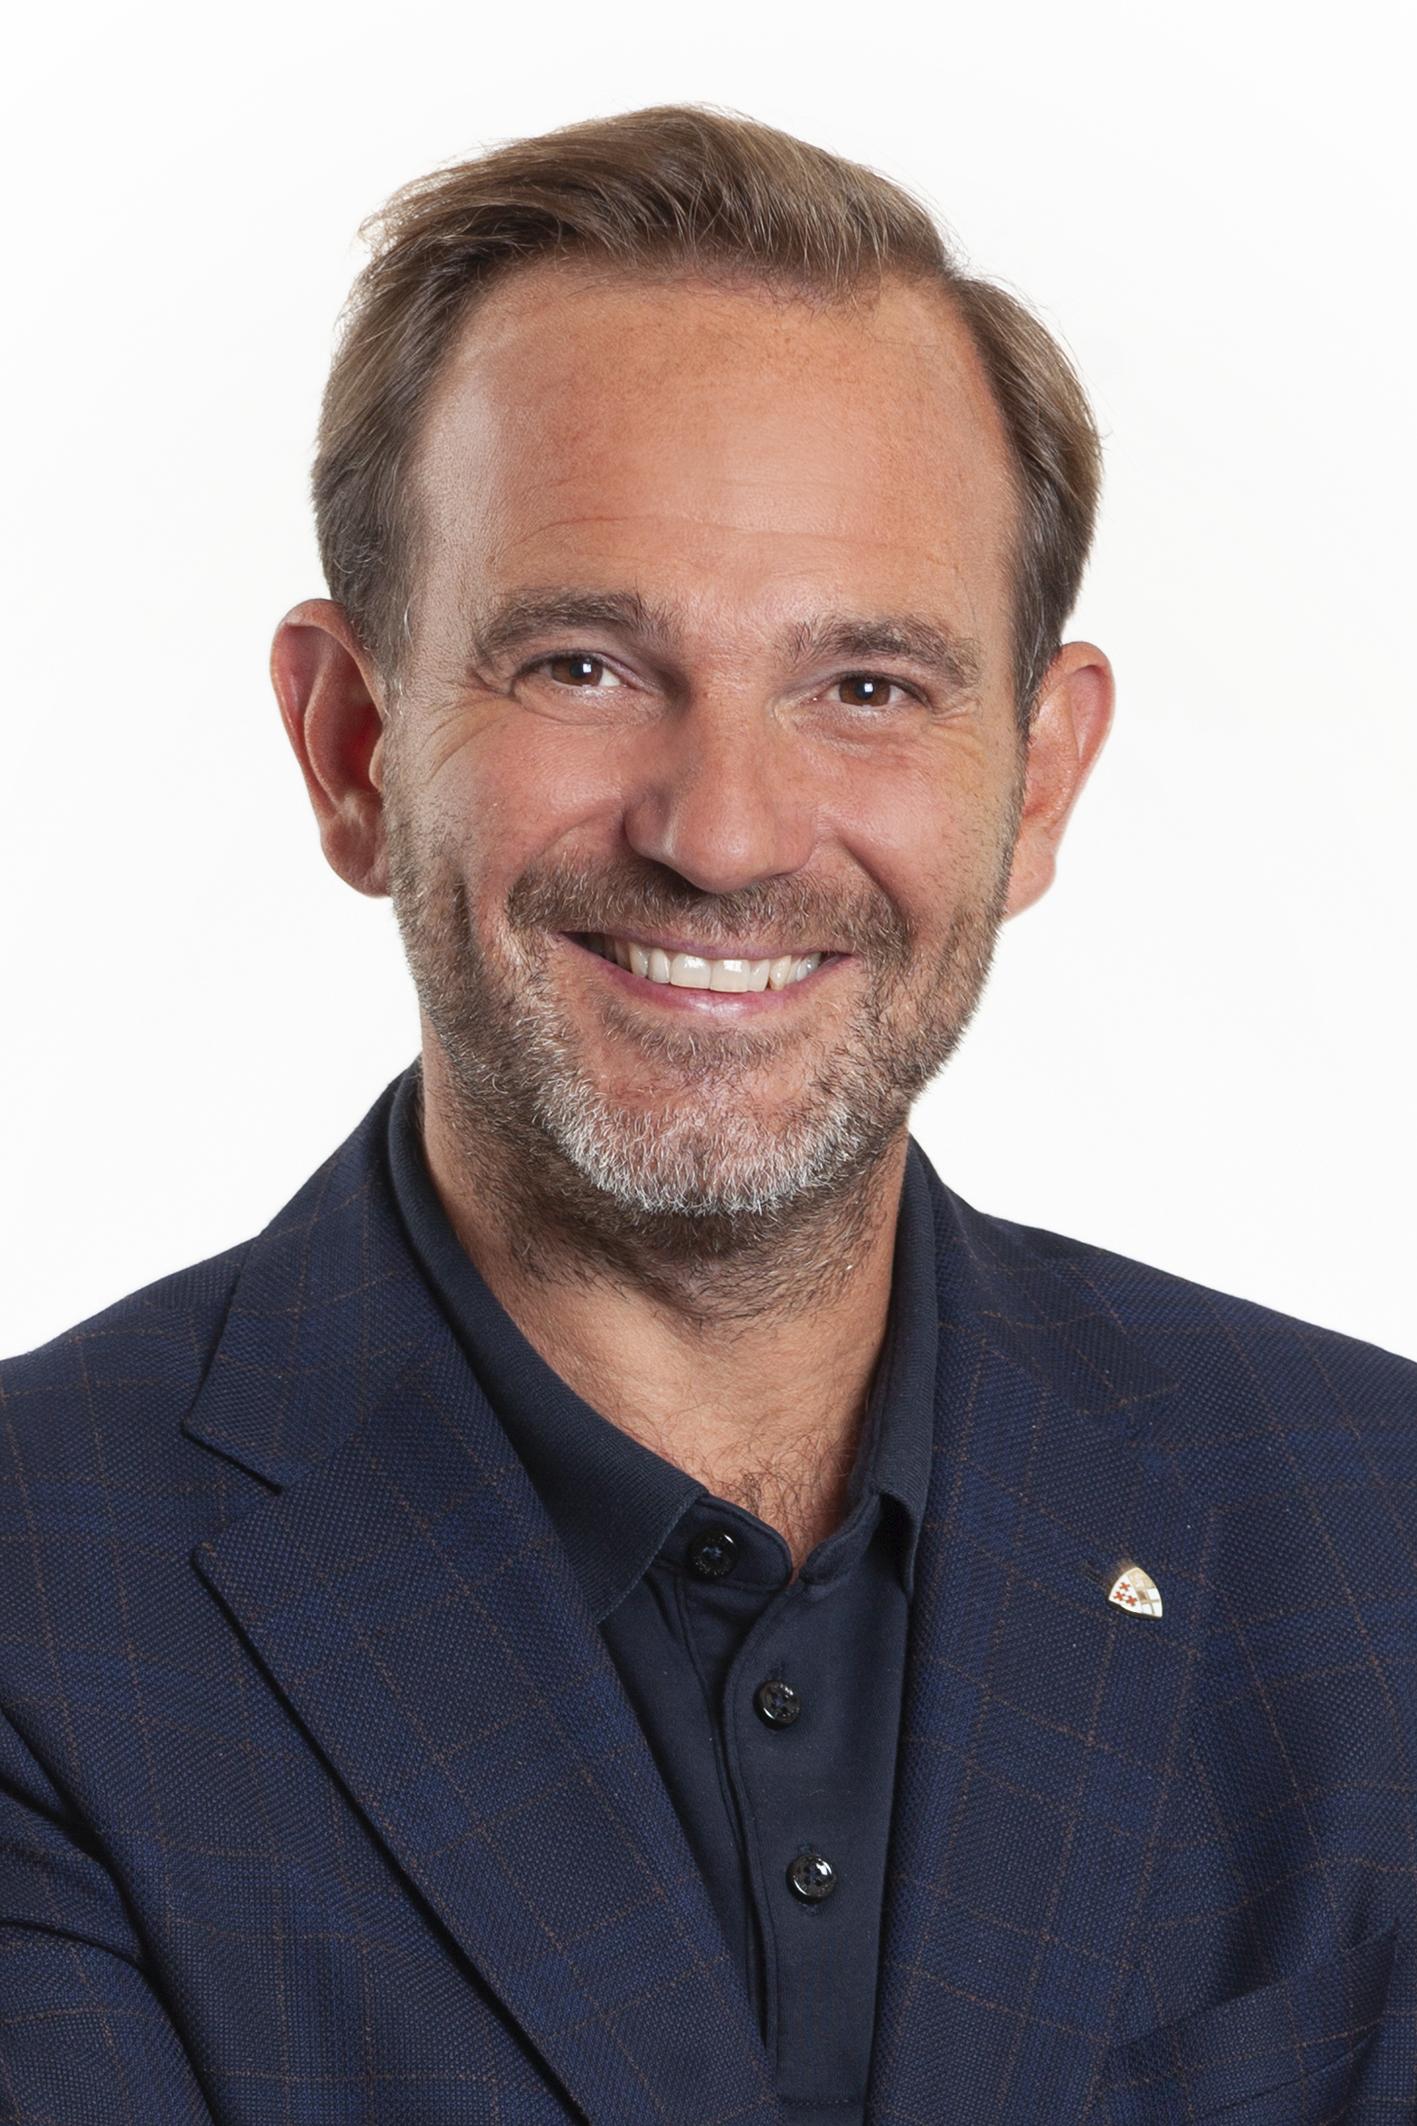 Lehrlingskoordinator David Narr